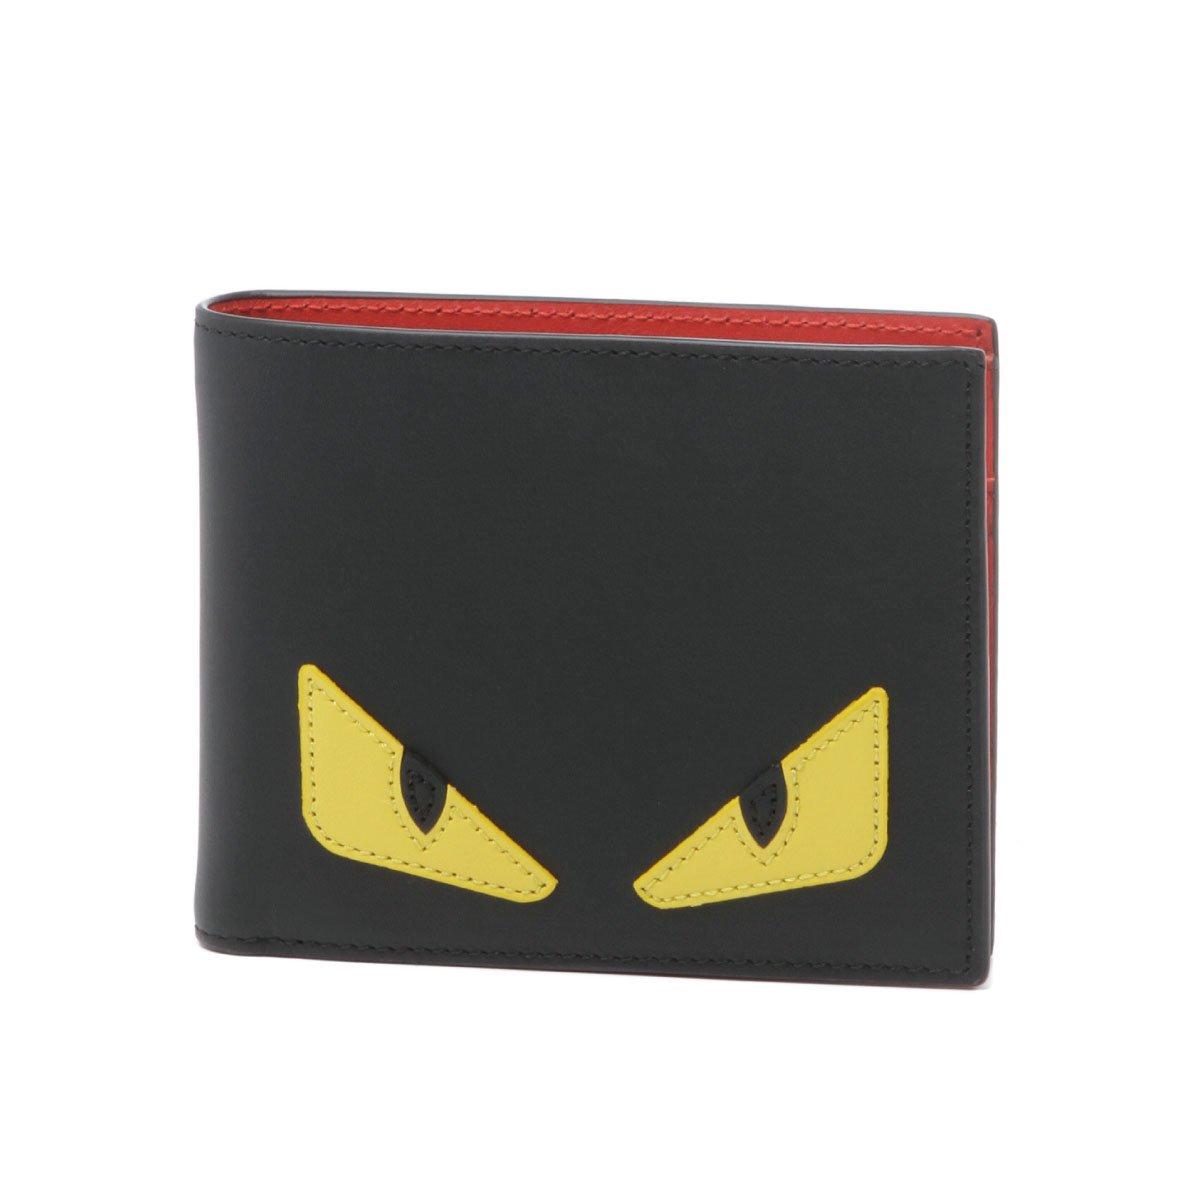 (フェンディ) FENDI 二つ折り財布 ブラック 7M0001 O73 F0U9T [並行輸入品] B078XSCLSX